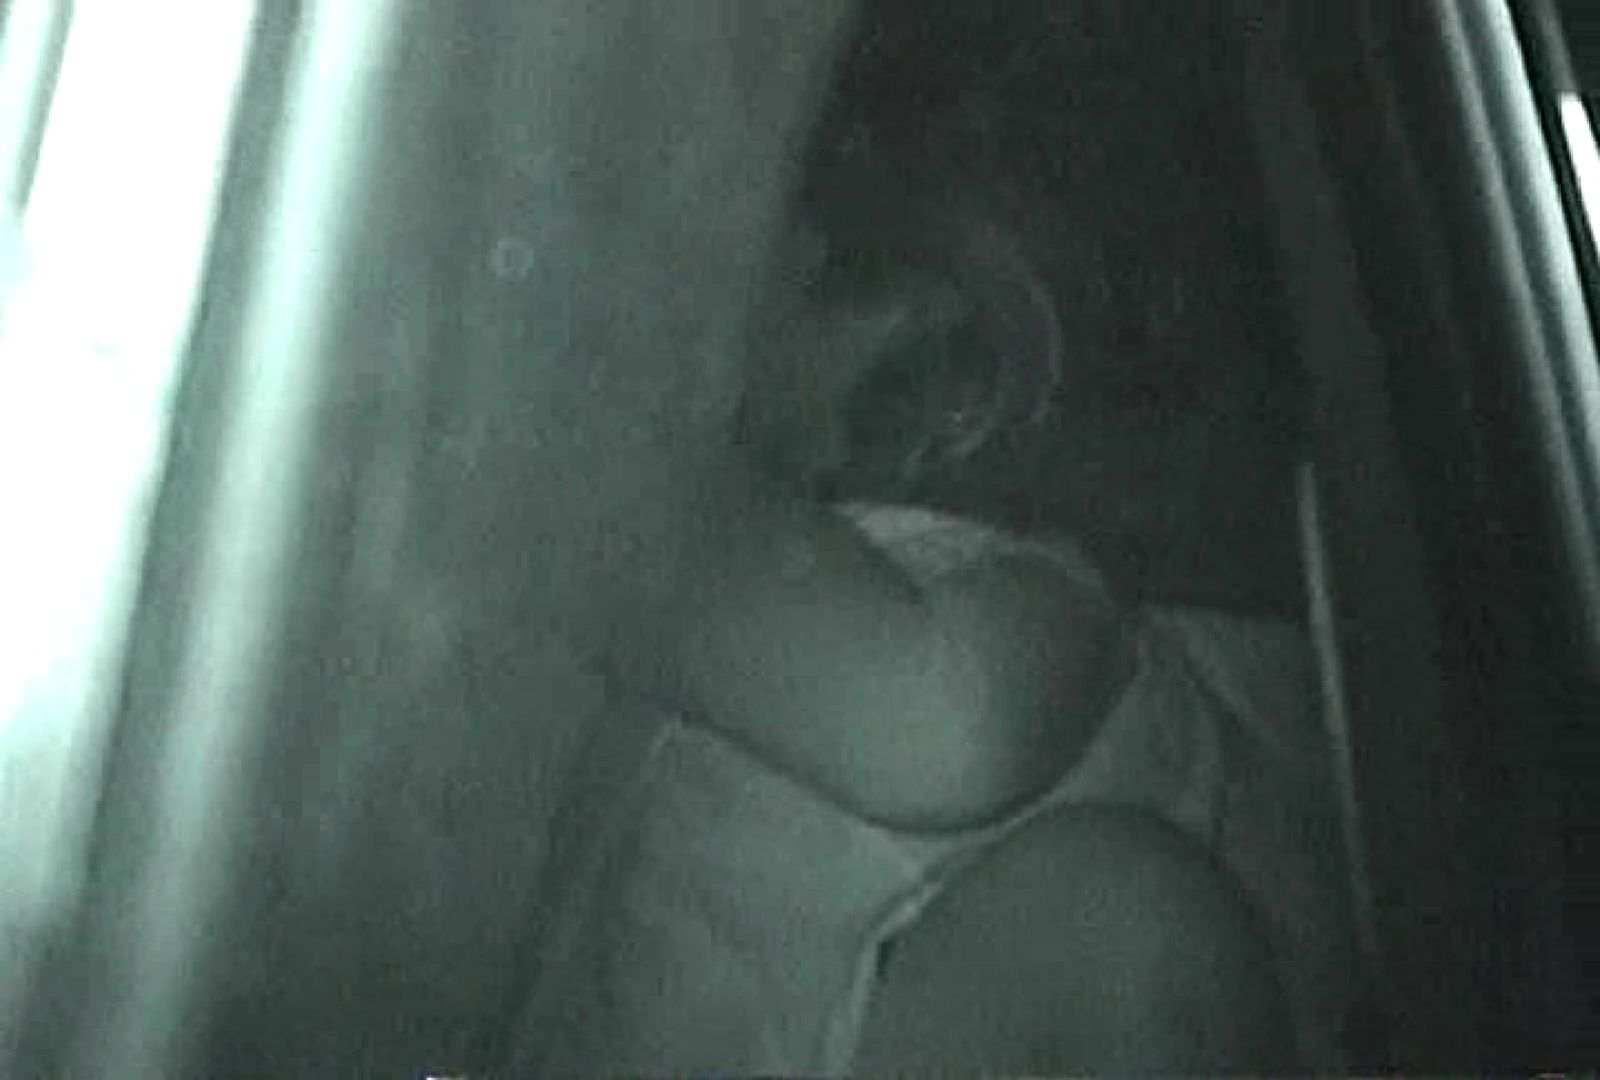 充血監督の深夜の運動会Vol.49 赤外線 AV無料動画キャプチャ 83画像 79